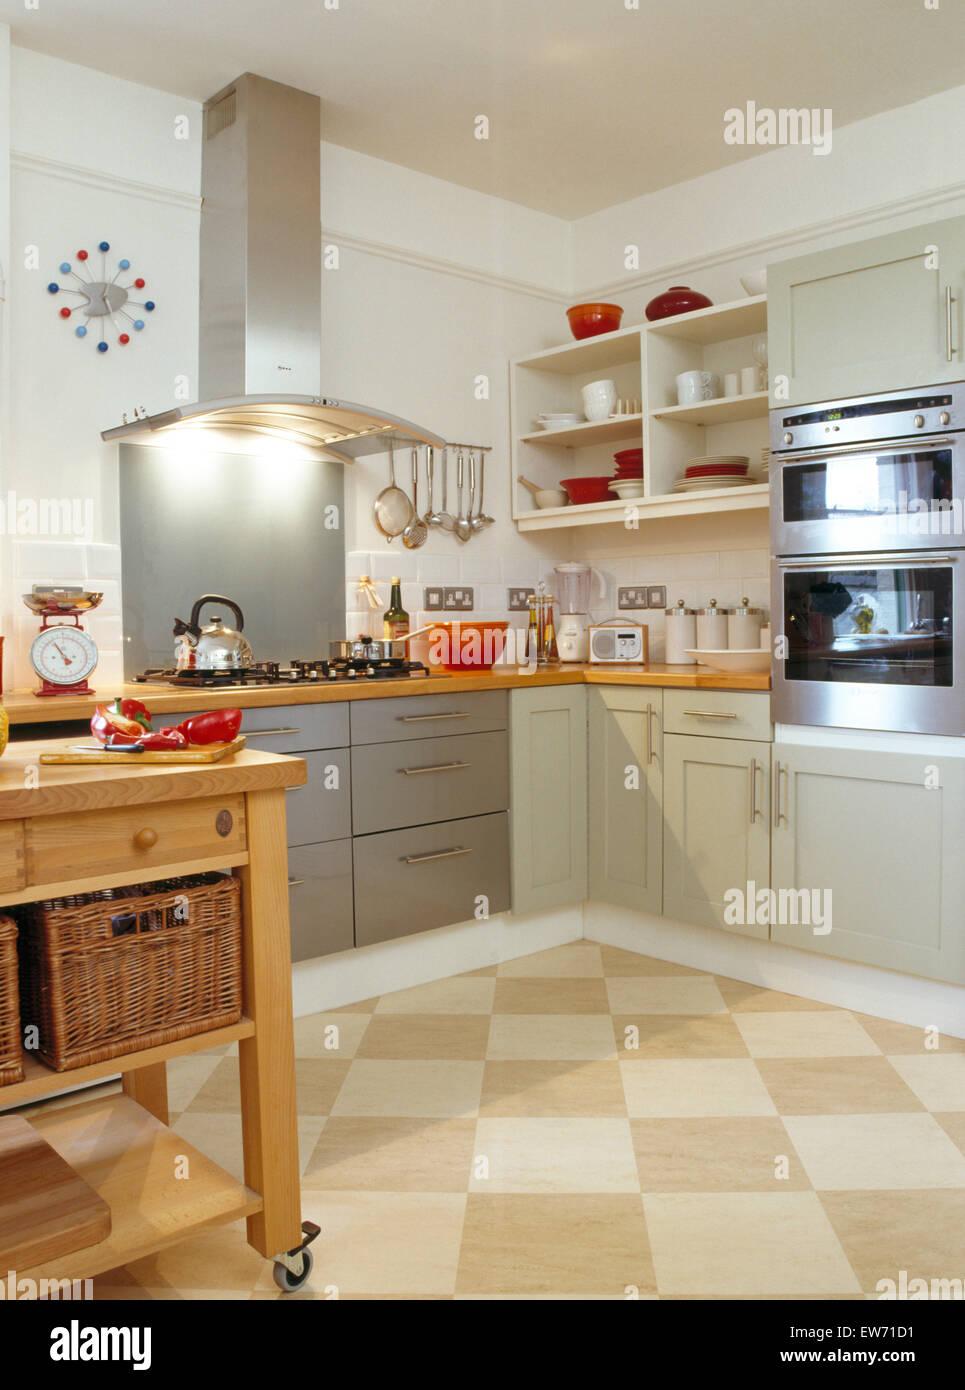 Azulejos Cocina Moderna | Suelos De Tablero De Azulejos En Cocina Moderna Con Iluminacion